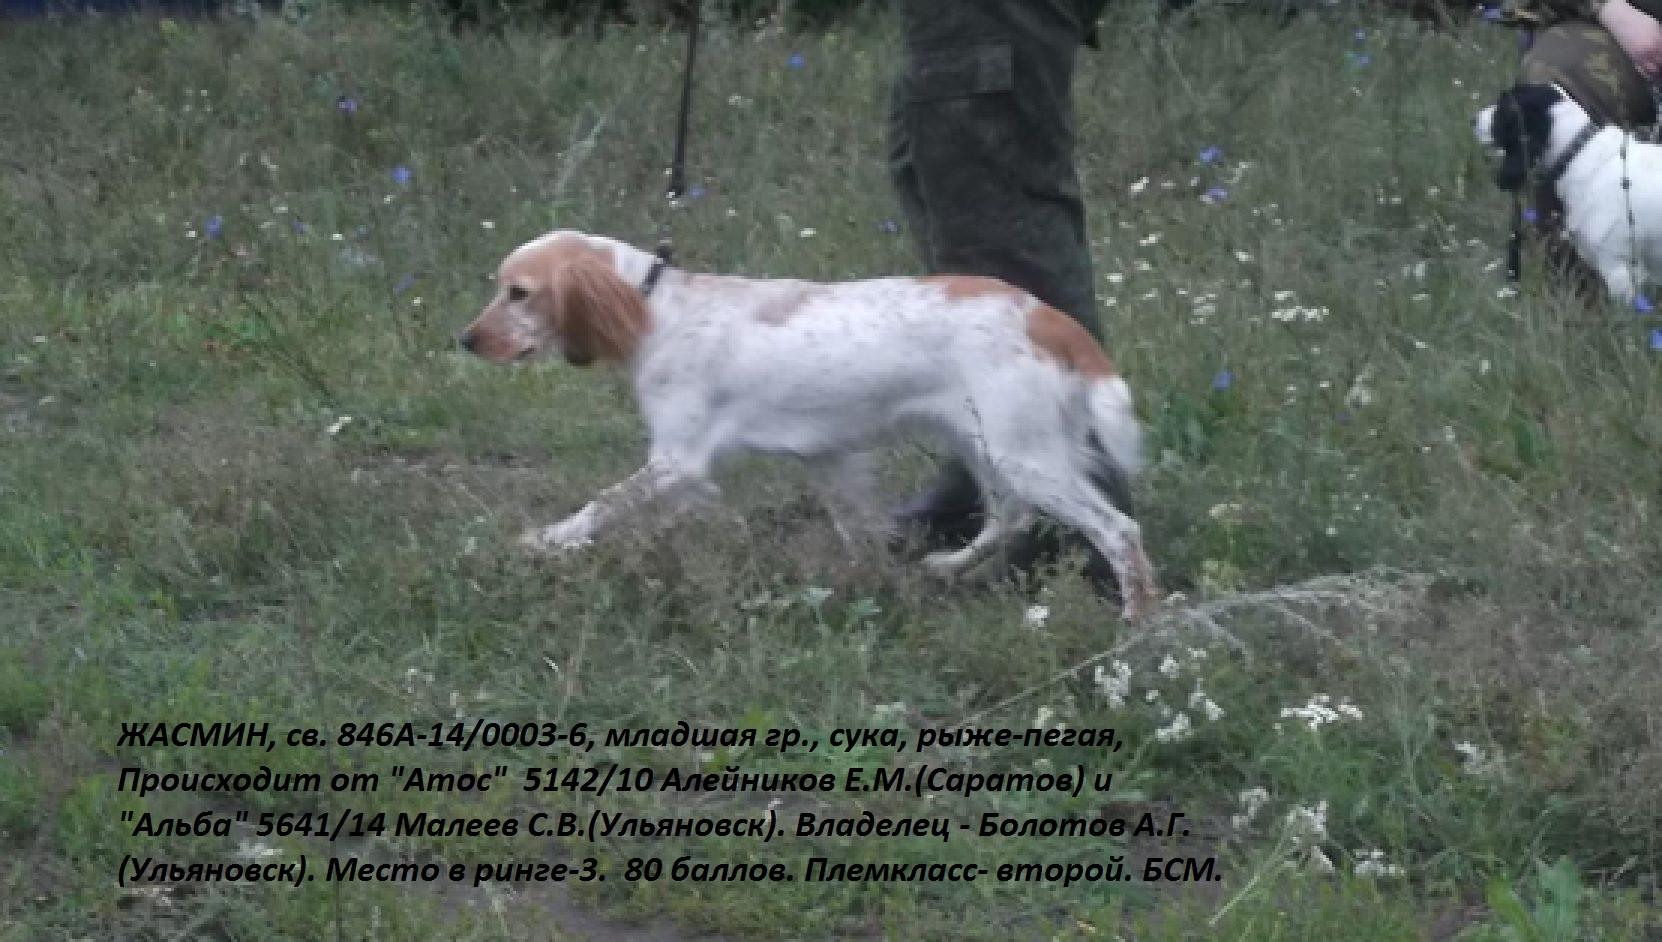 сратовская сучка фото: